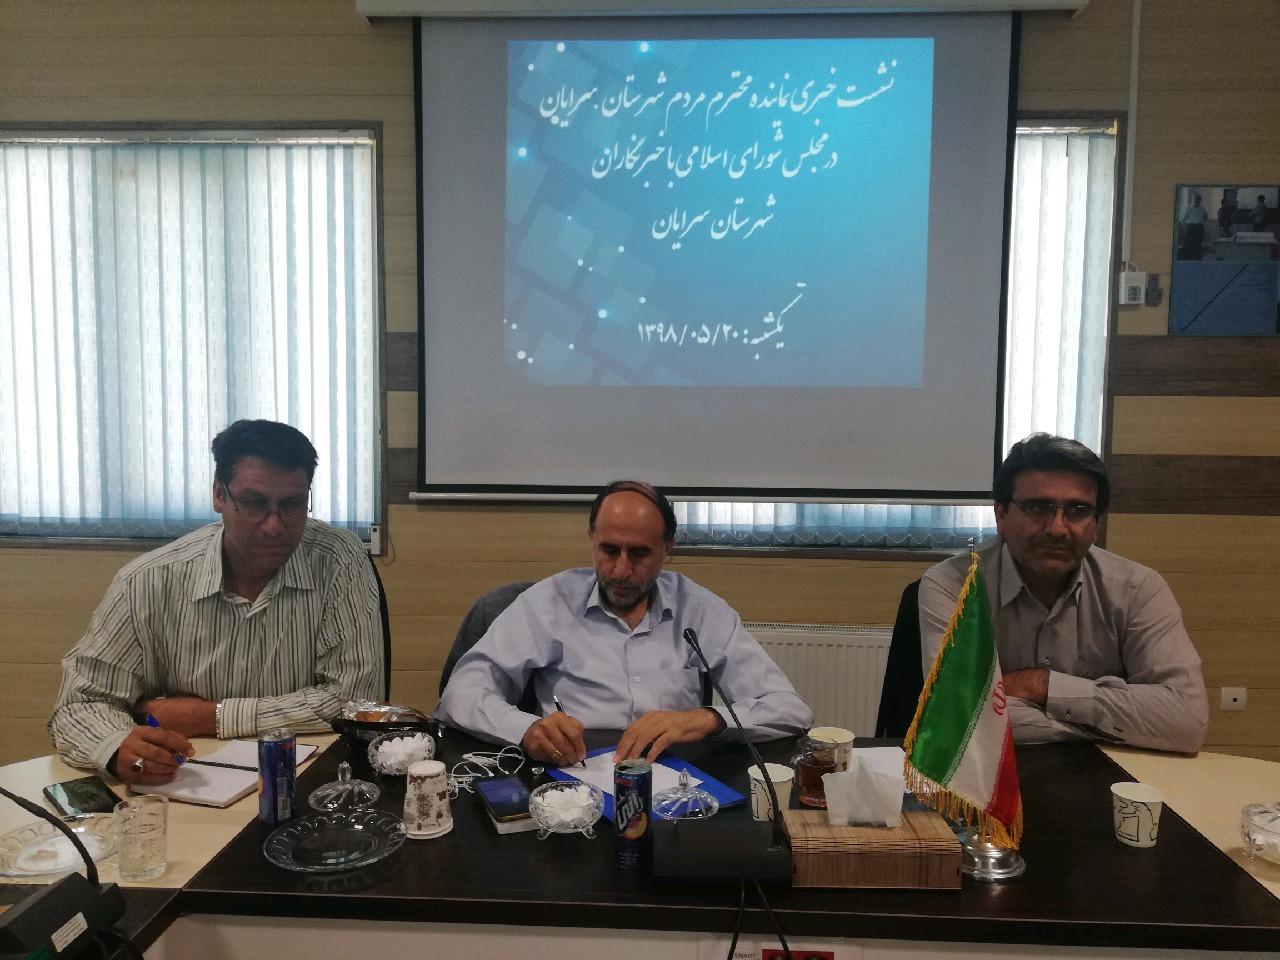 پیگیری برای تامین اعتبار توسعه بیمارستان امام علی(ع) سرایان